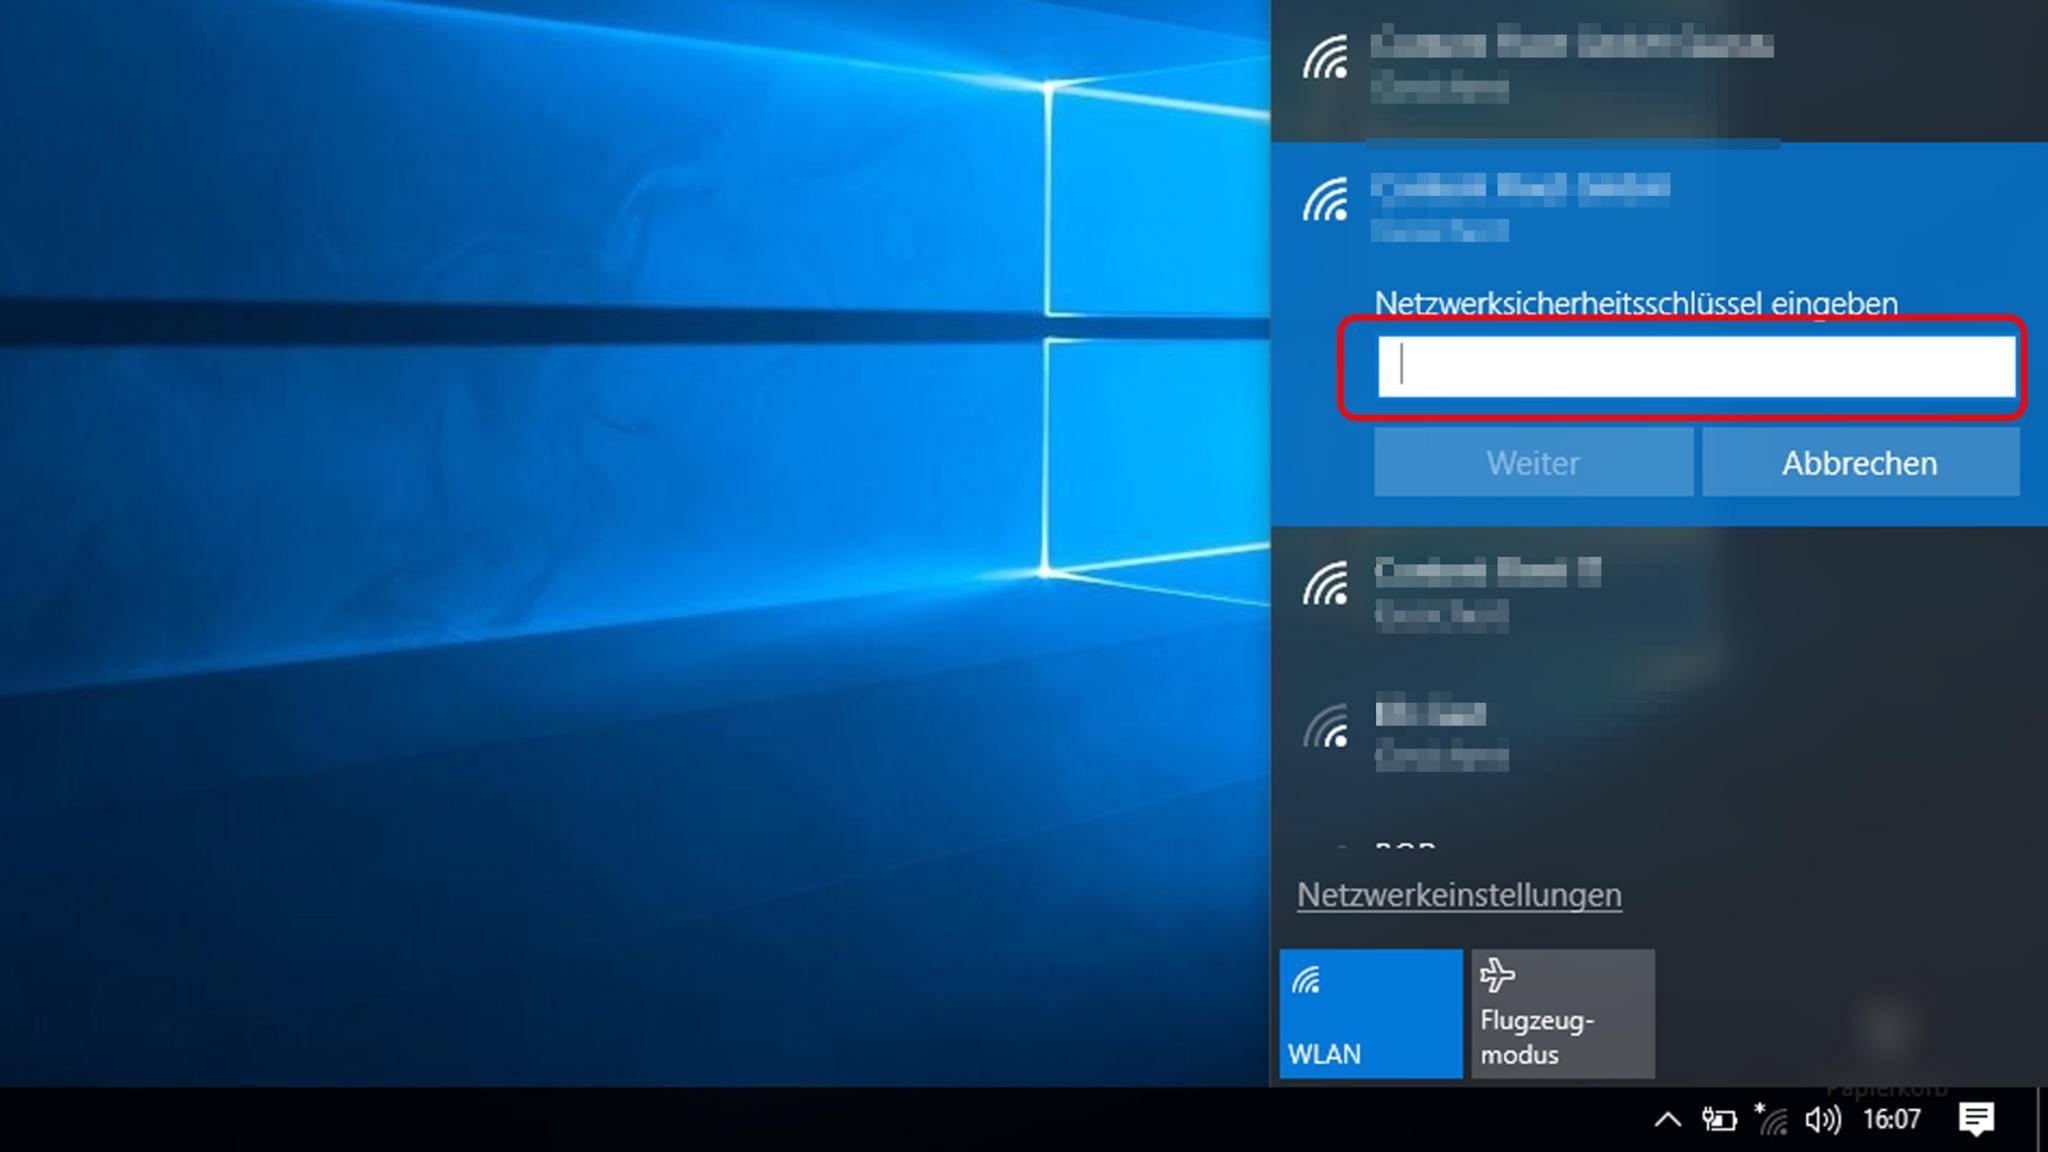 Wenn das Netzwerk verschlüsselt ist, muss ein Passwort eingegeben werden ...